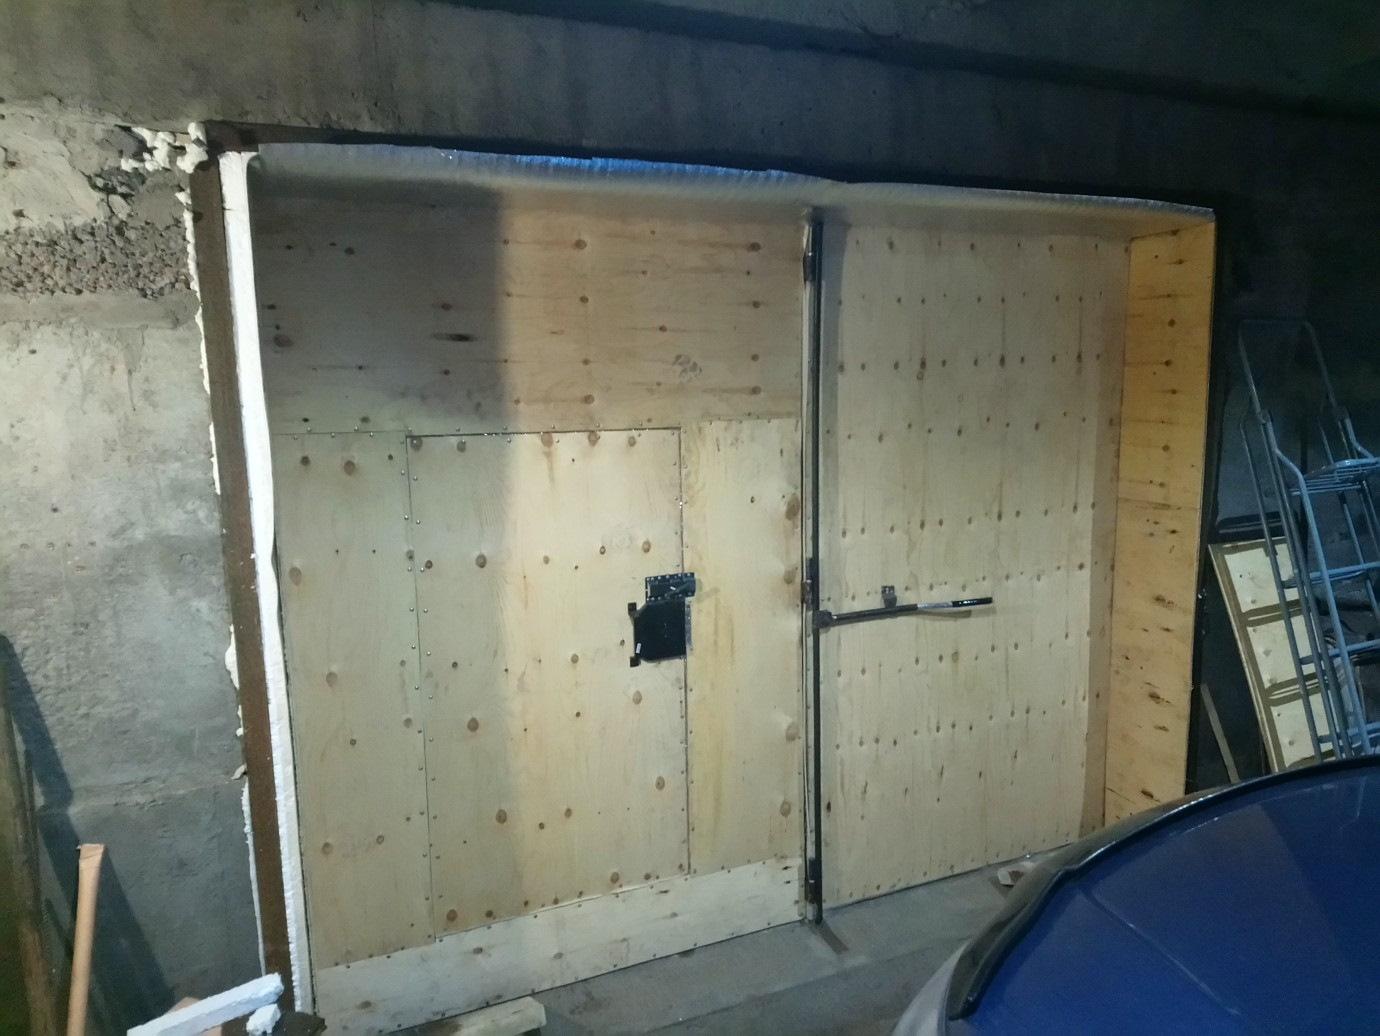 или отделка гаражных ворот изнутри фанерой фото да, американцы разрешали